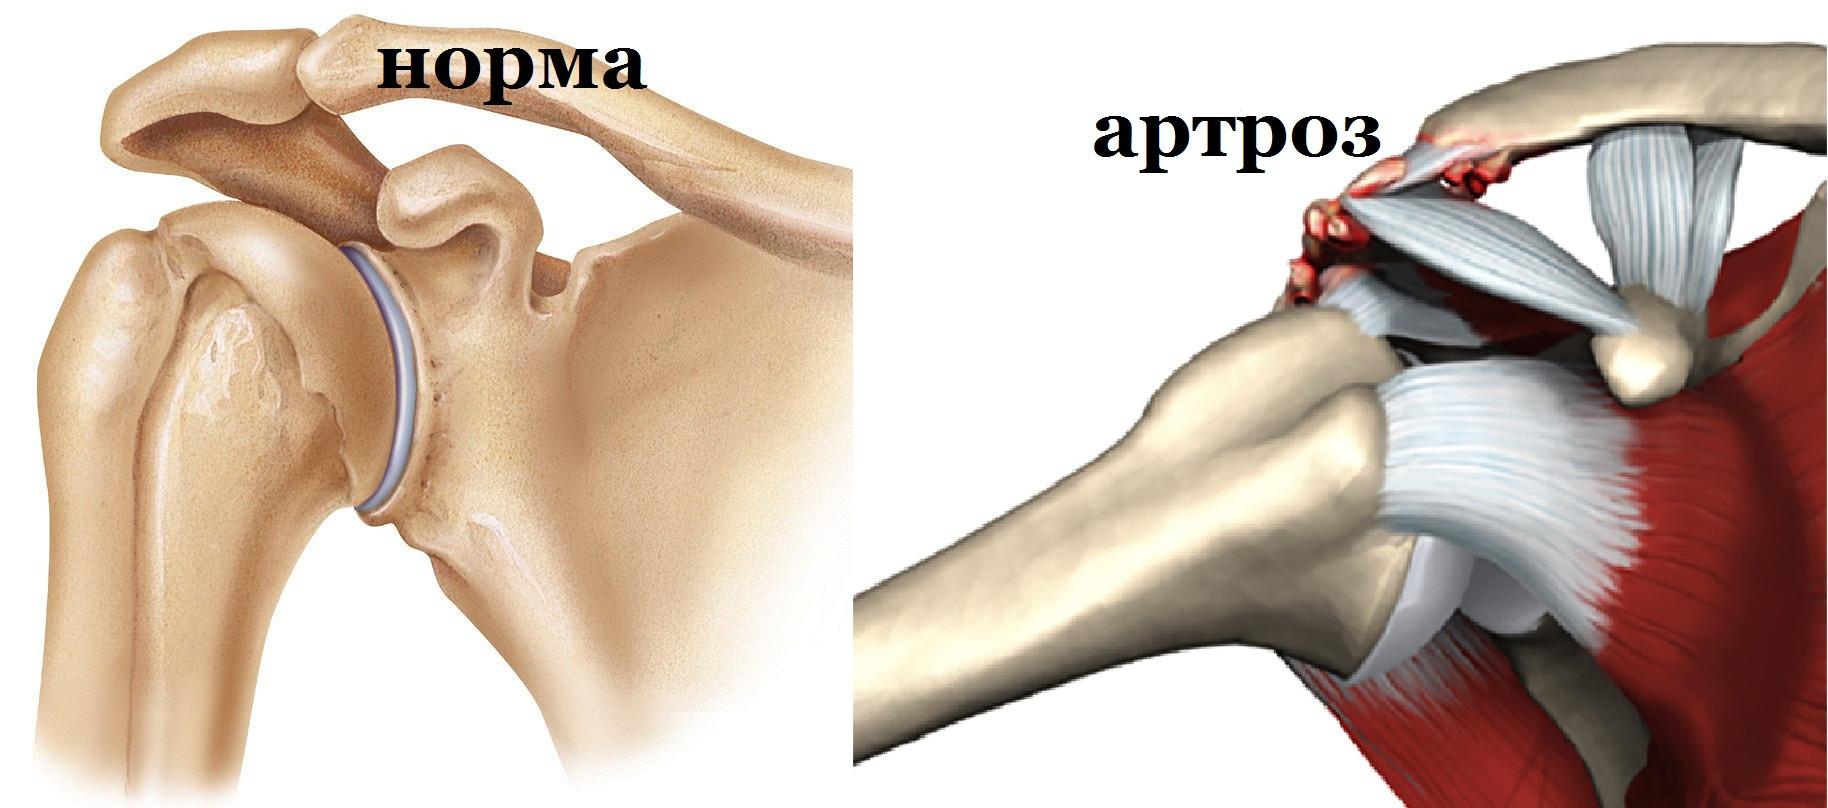 Псориатический артрит лечение гормонами